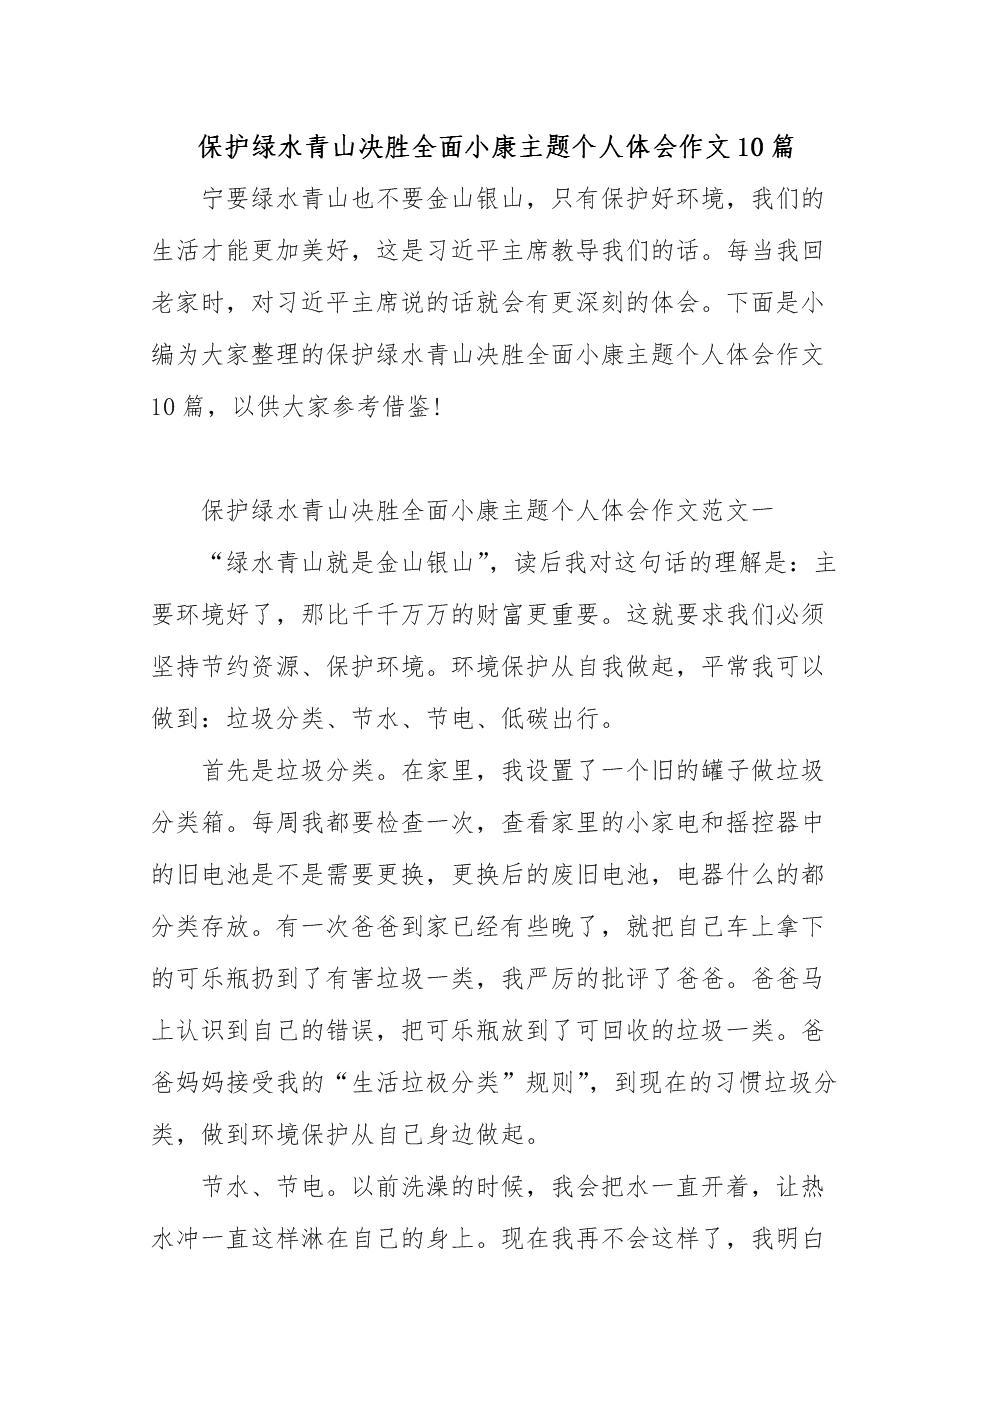 保护绿水青山决胜全面小康主题个人体会作文10篇.docx